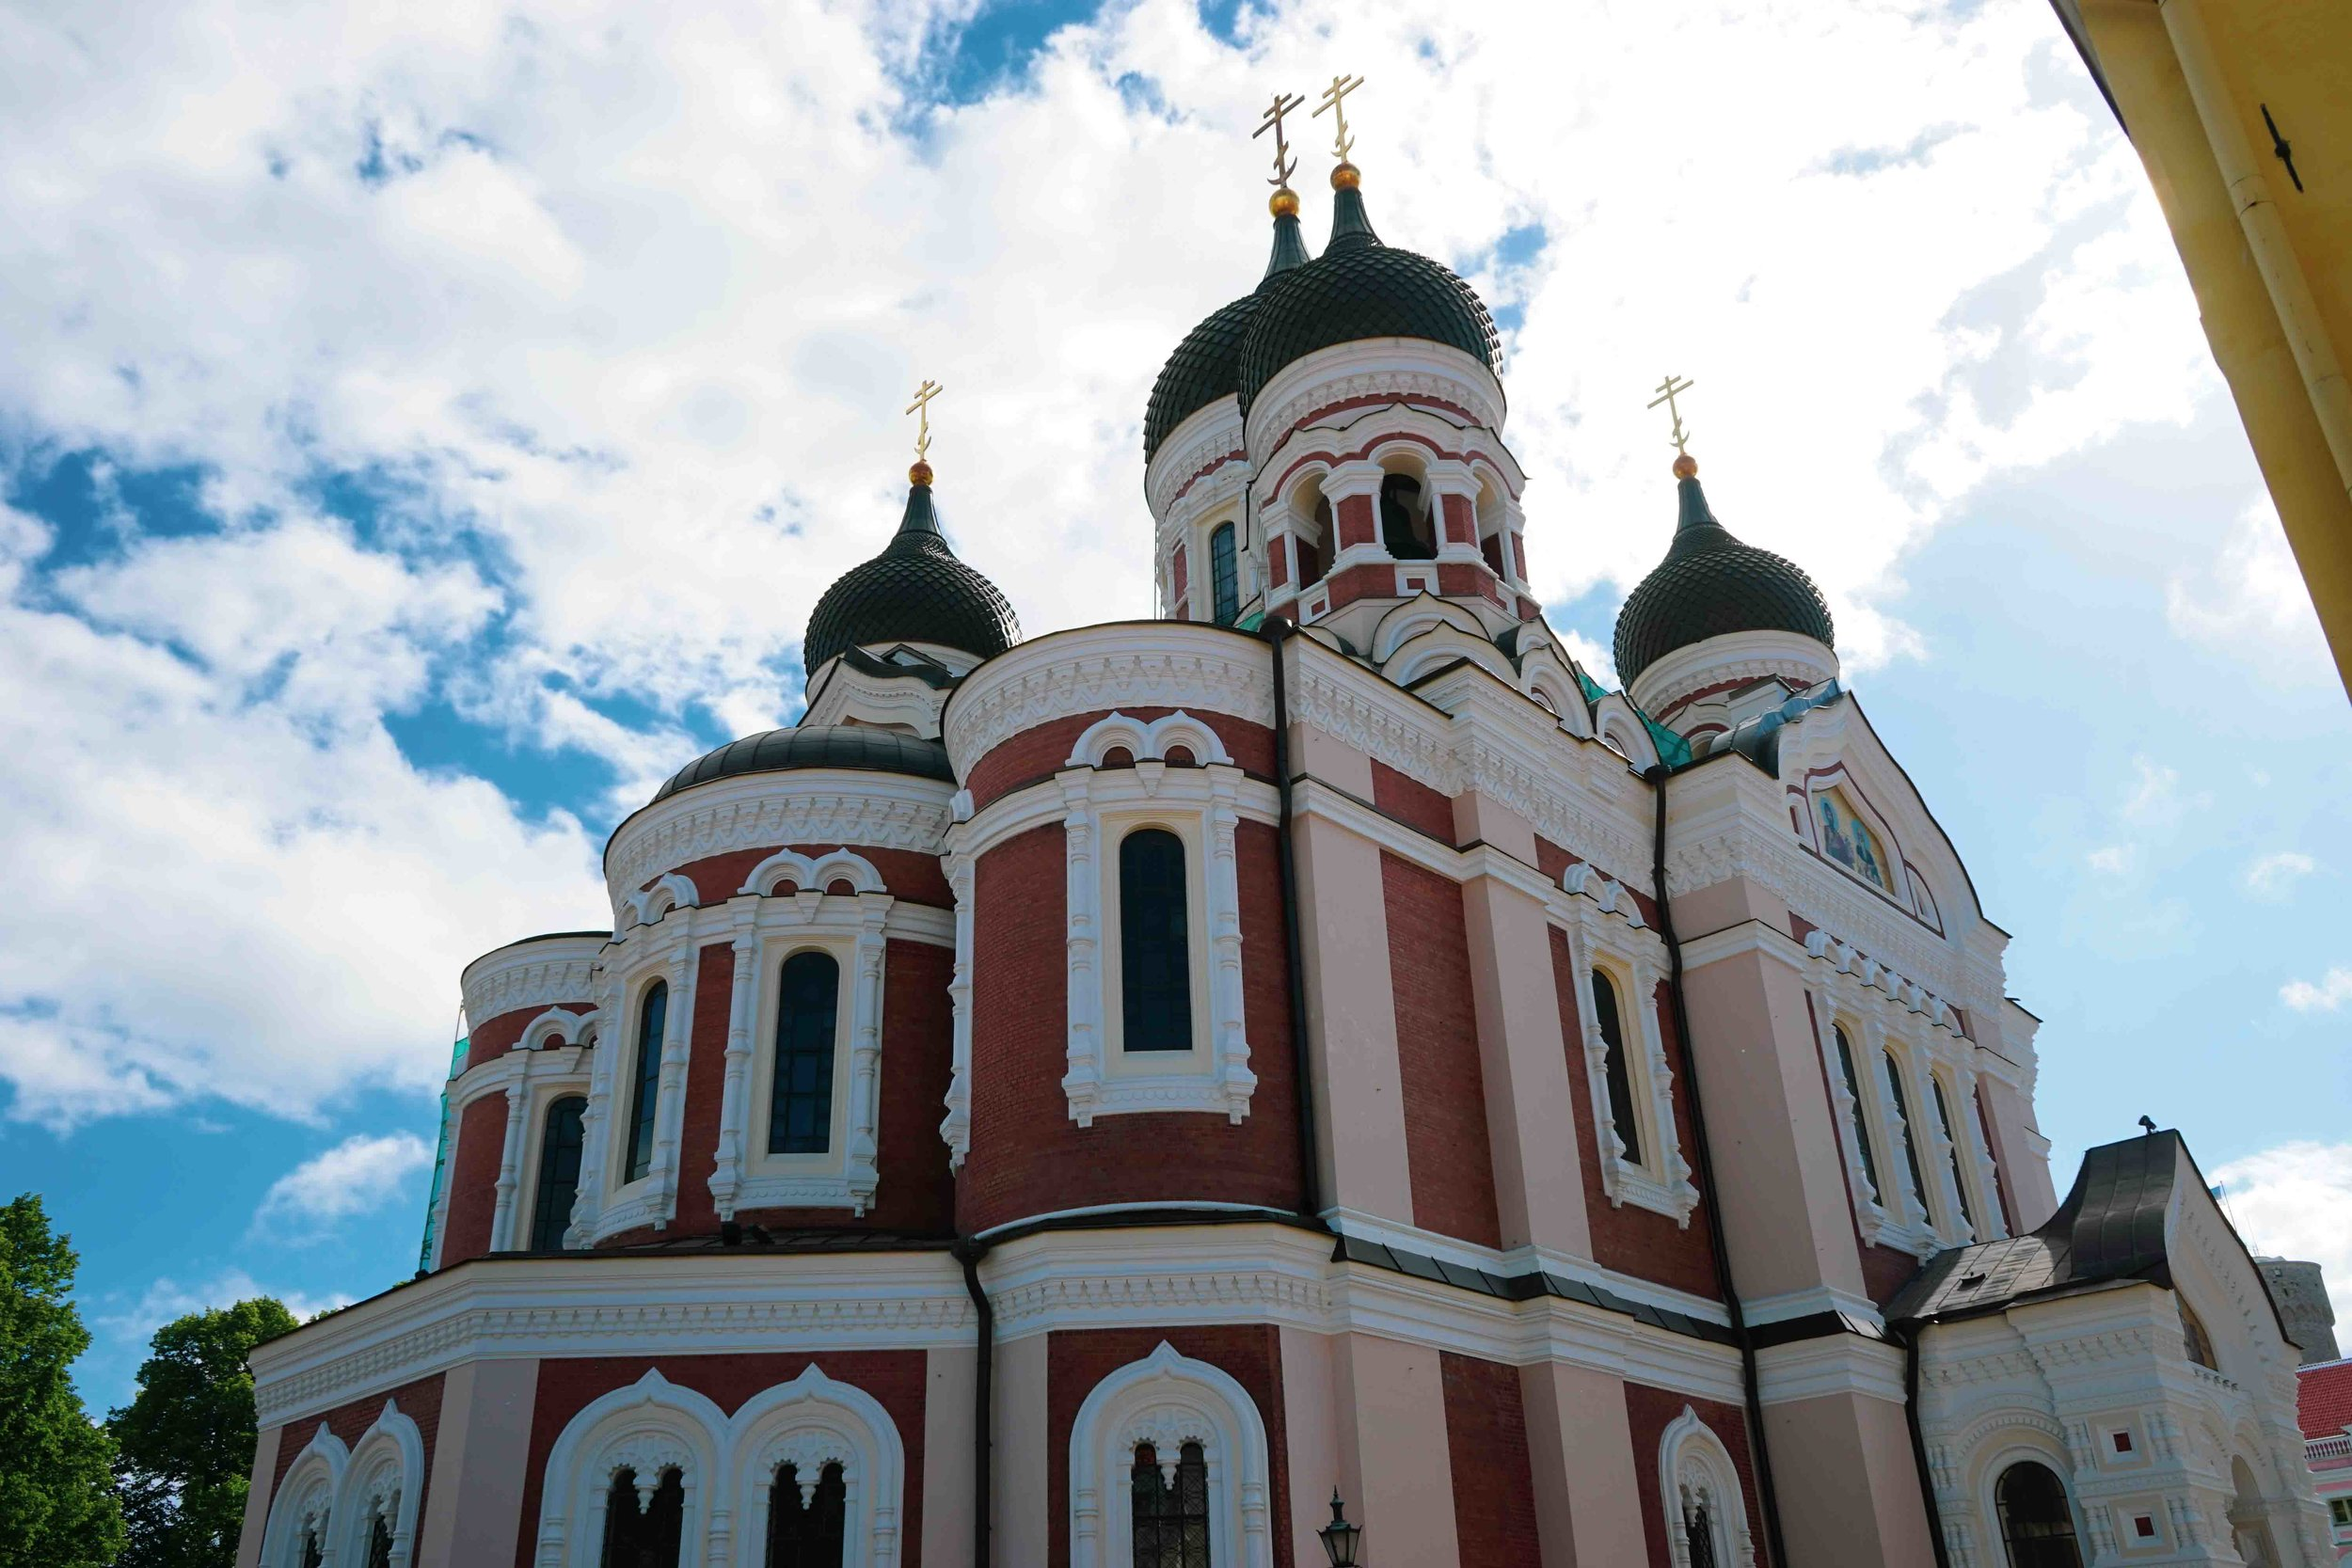 座堂山區上佇立的Alexander Nevsky Cathedral,是一座典型的俄羅斯教堂,是塔林最大和最高的圓頂東正教堂。